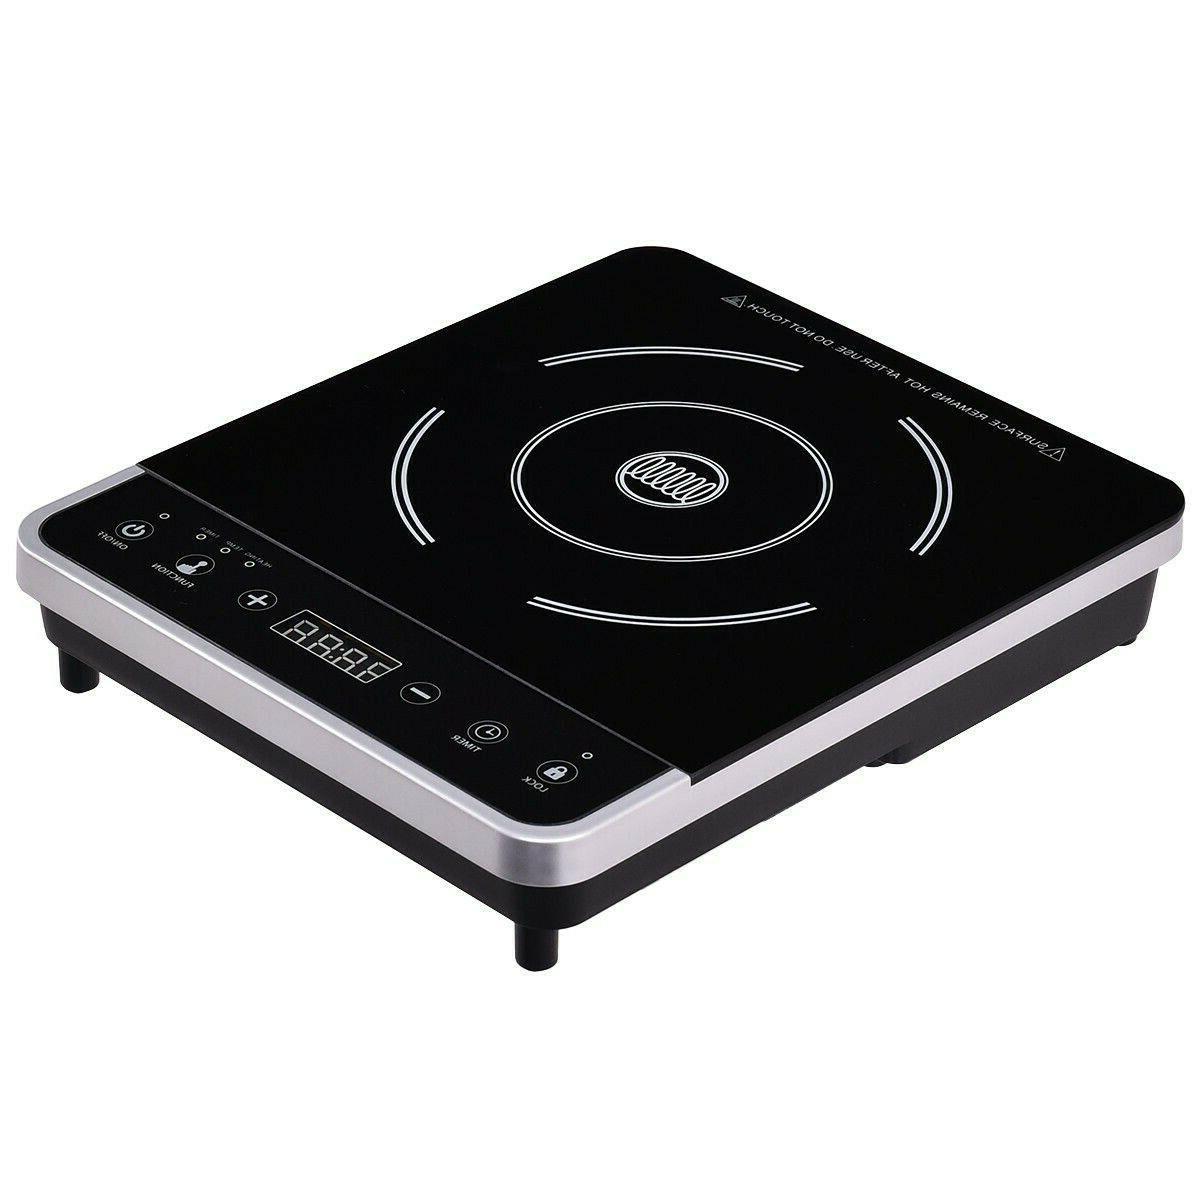 induction cooktop range single burner stove digital